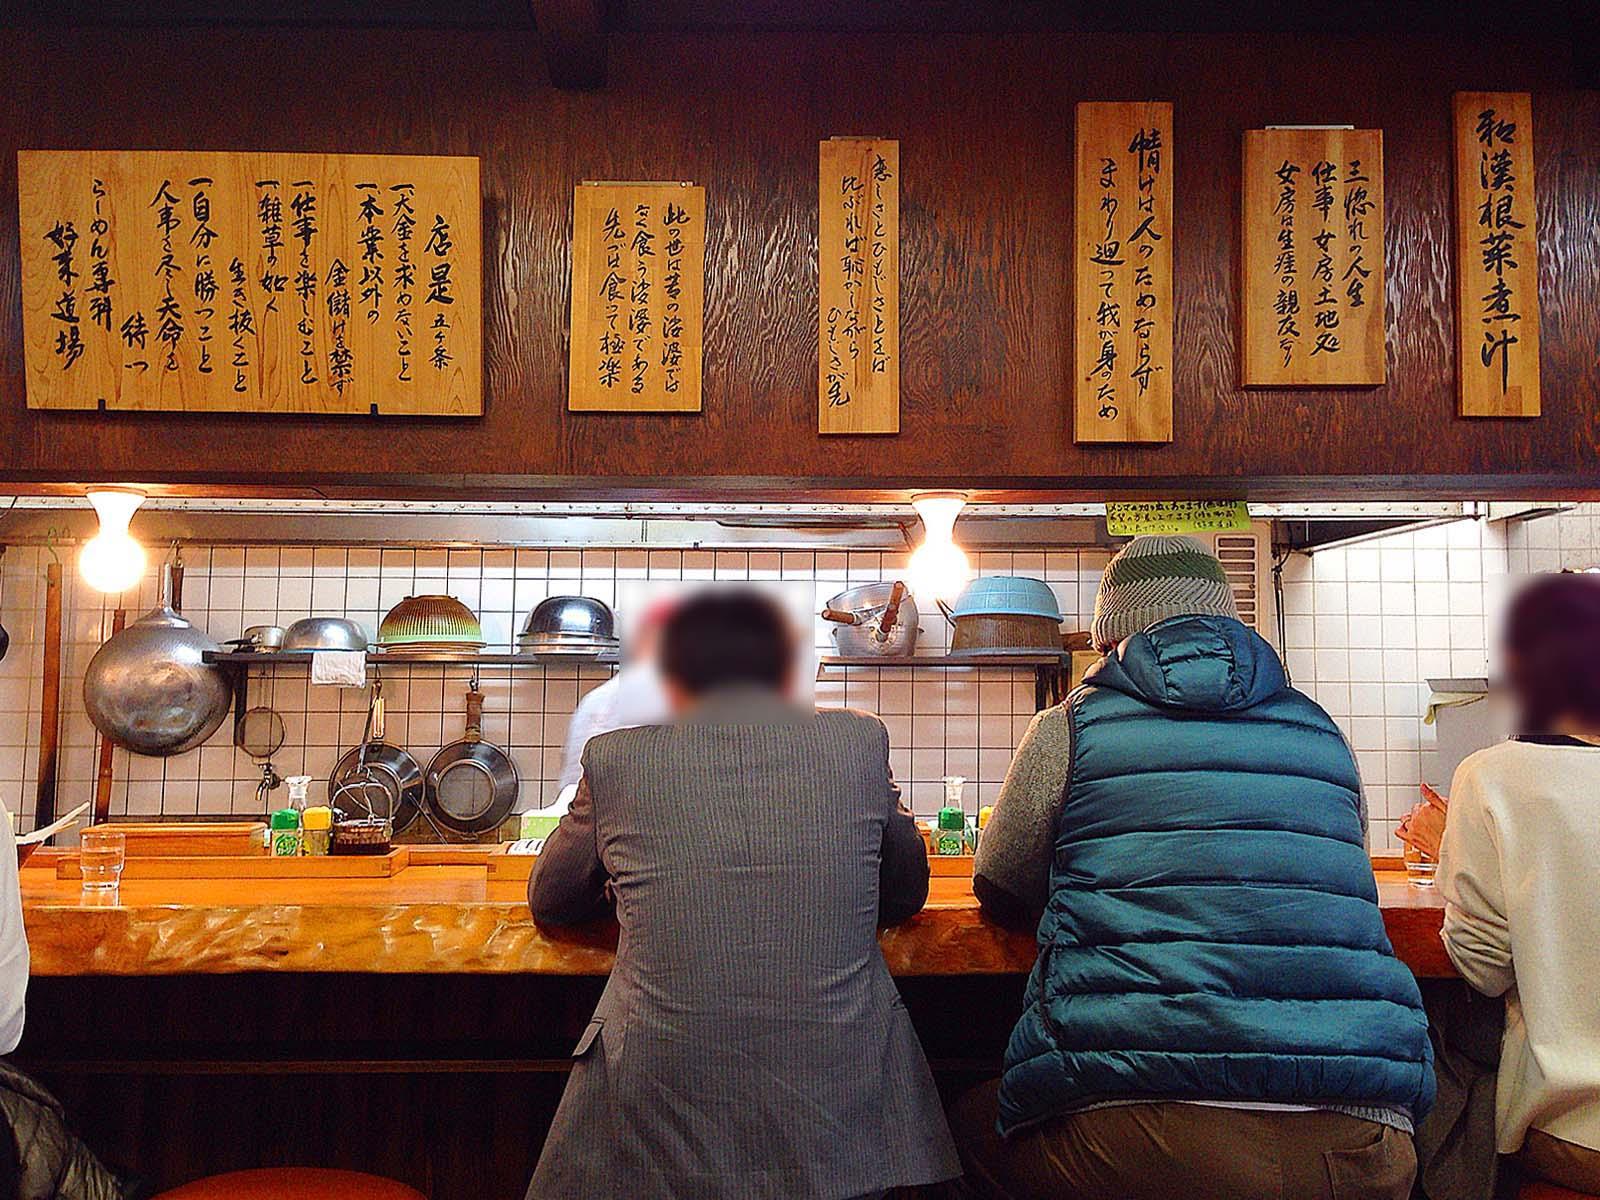 カウンター上に掲げられた精神論やら店是五ヶ条@名古屋「好来道場」